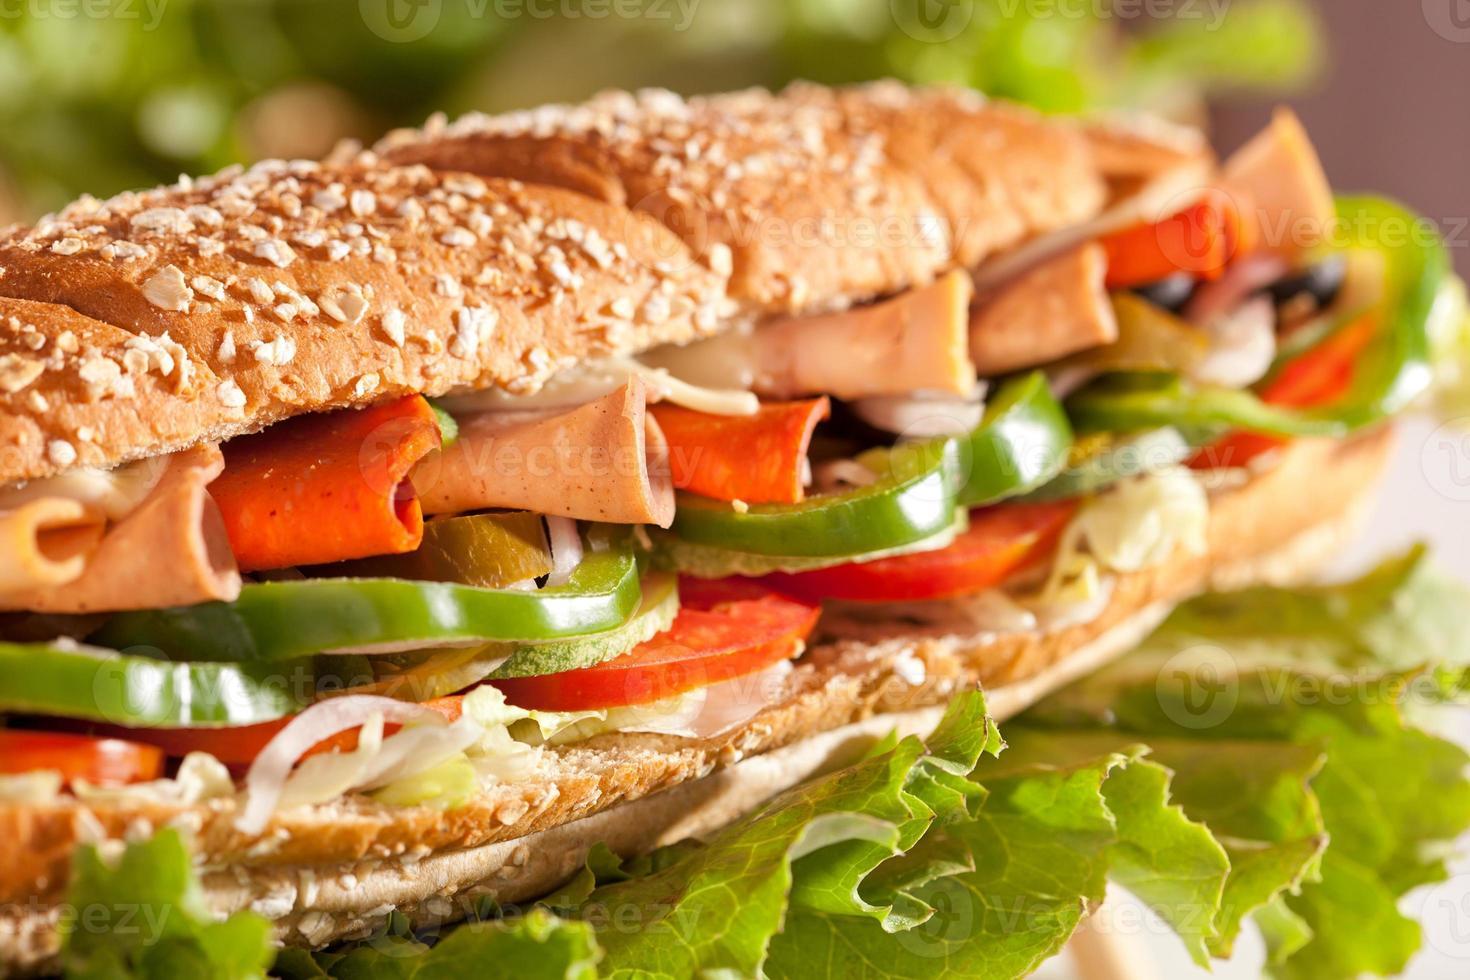 Hühnchen-Puten-Schinken-Sandwich mit Gemüse foto